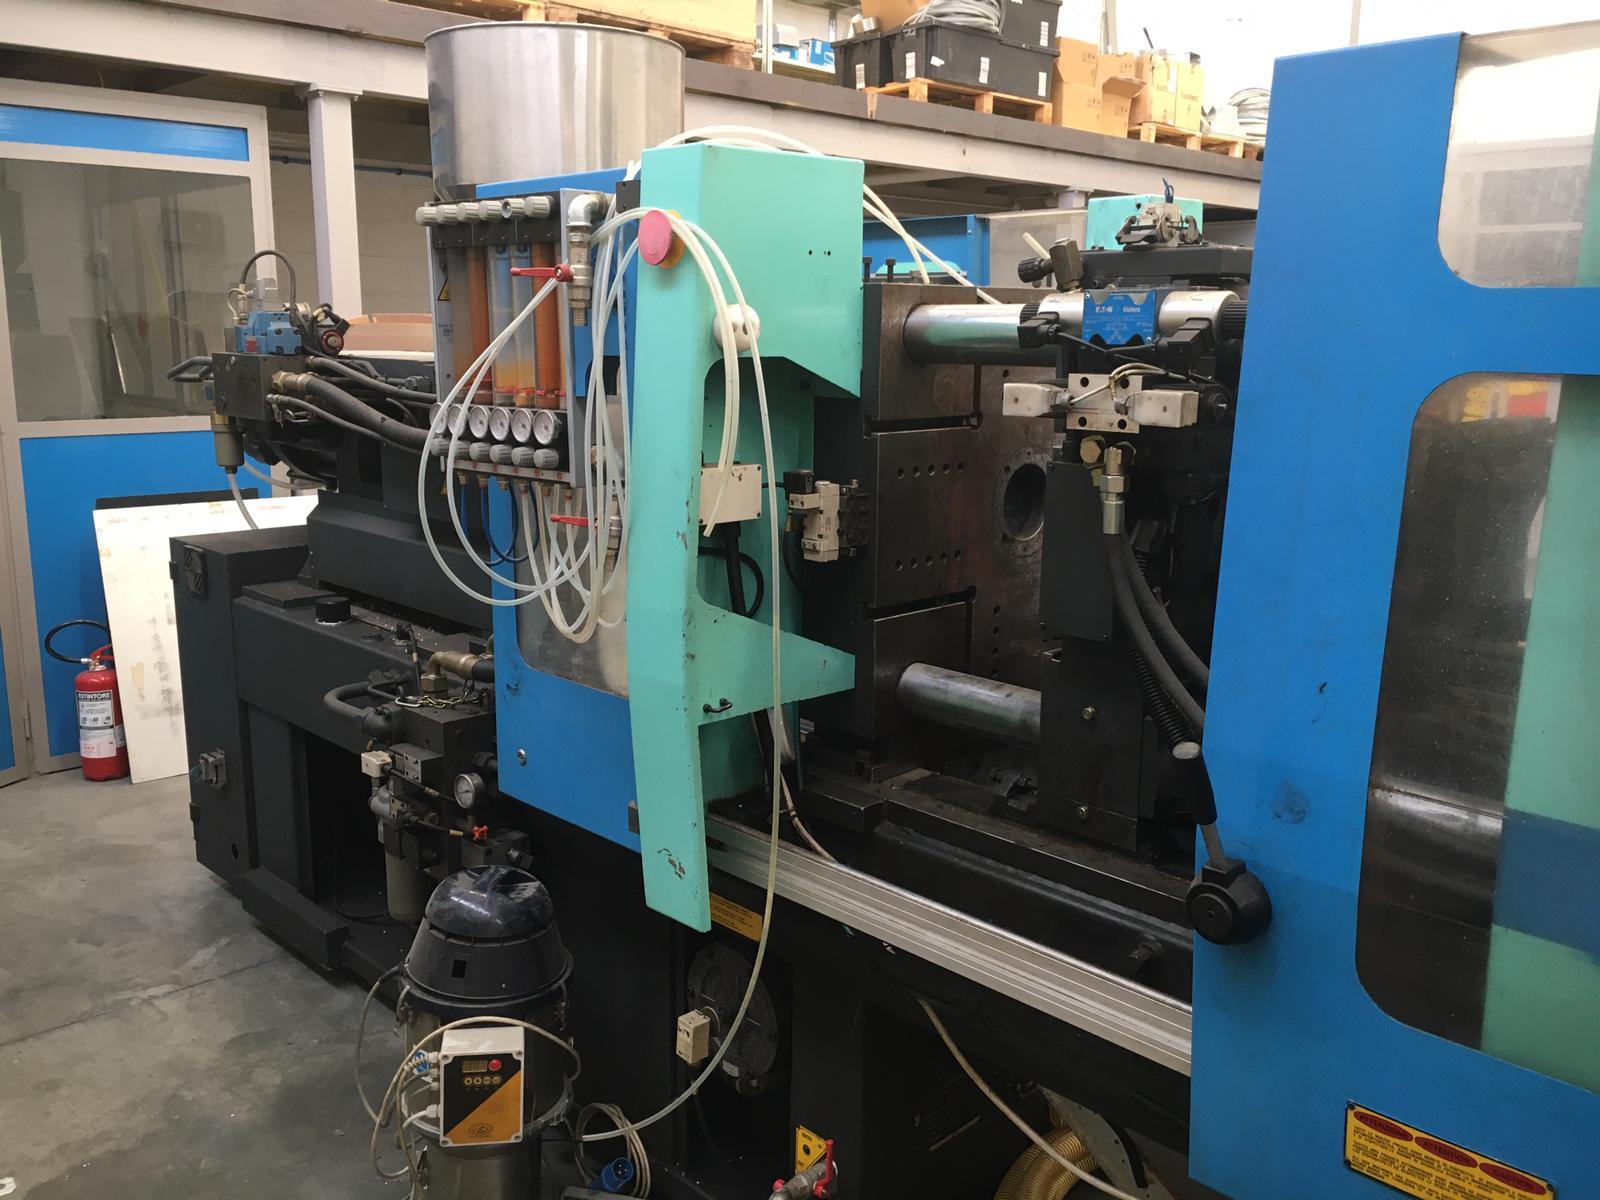 Pressa a iniezione per stampaggio plastica in vendita - foto 1